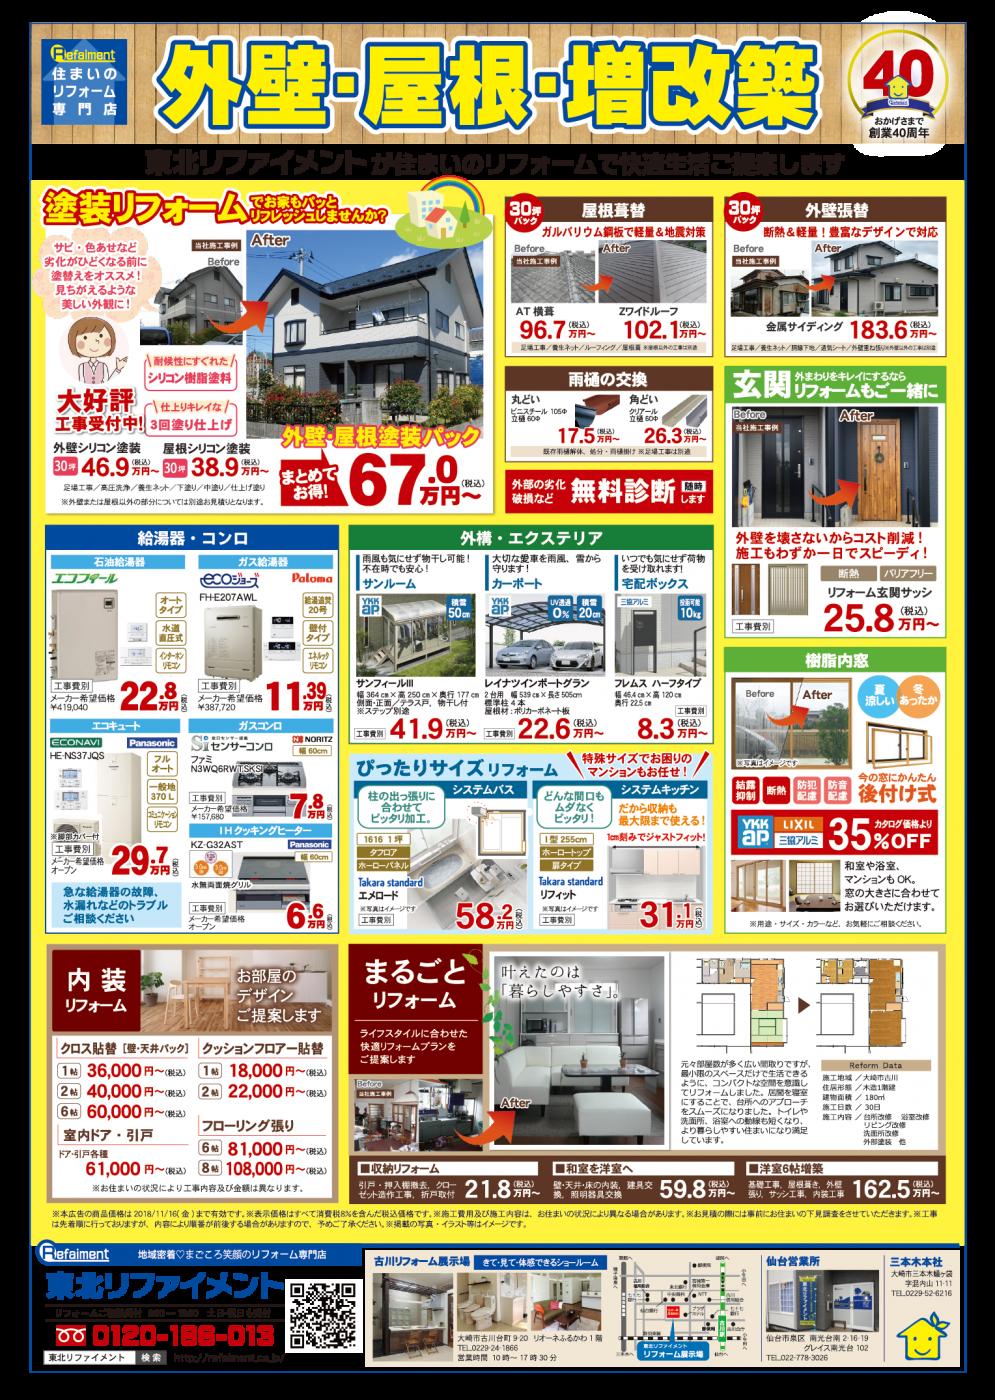 広告(2018_10_06~08) リオーネ秋リフォームフェア B4 裏